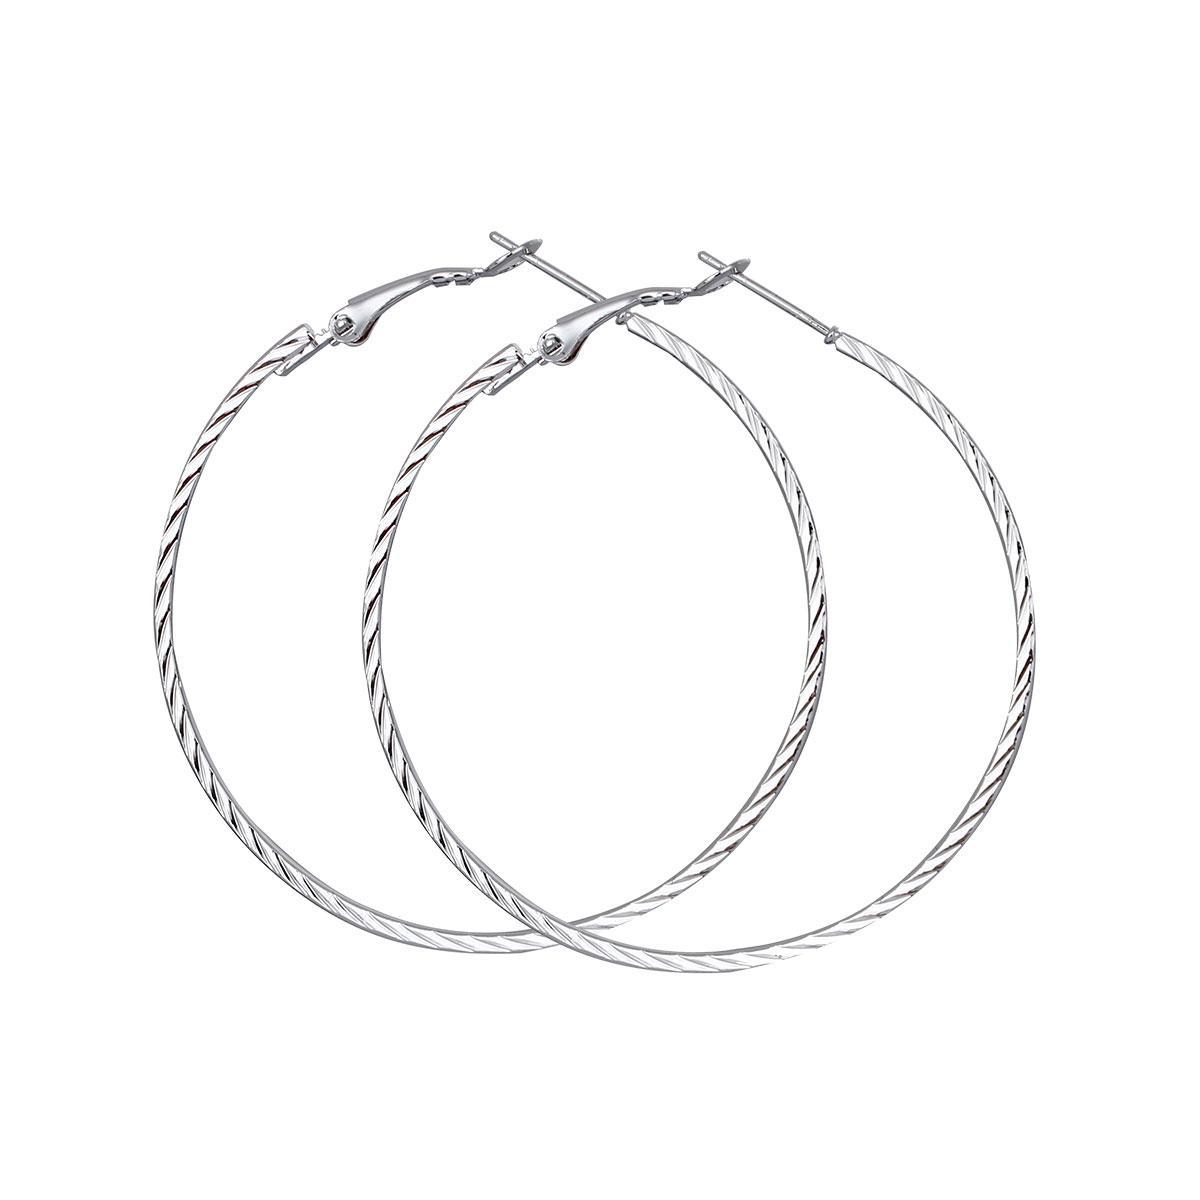 Сережки кільця замком, З насічками, Металевий сплав, Колір: метал, 53 мм x 50 мм, ціна за пару